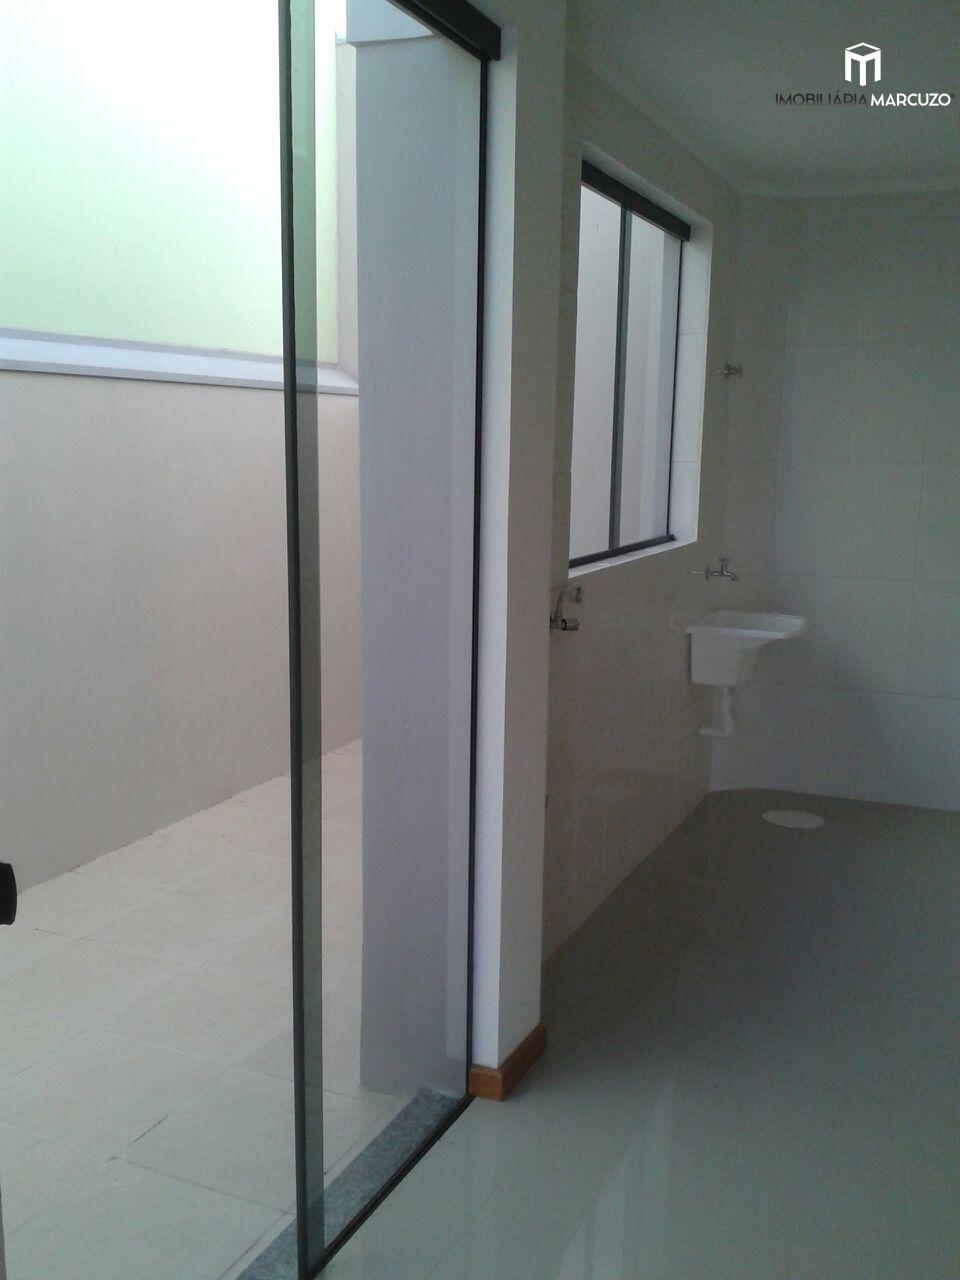 Apartamento com 1 Dormitórios à venda, 44 m² por R$ 165.000,00